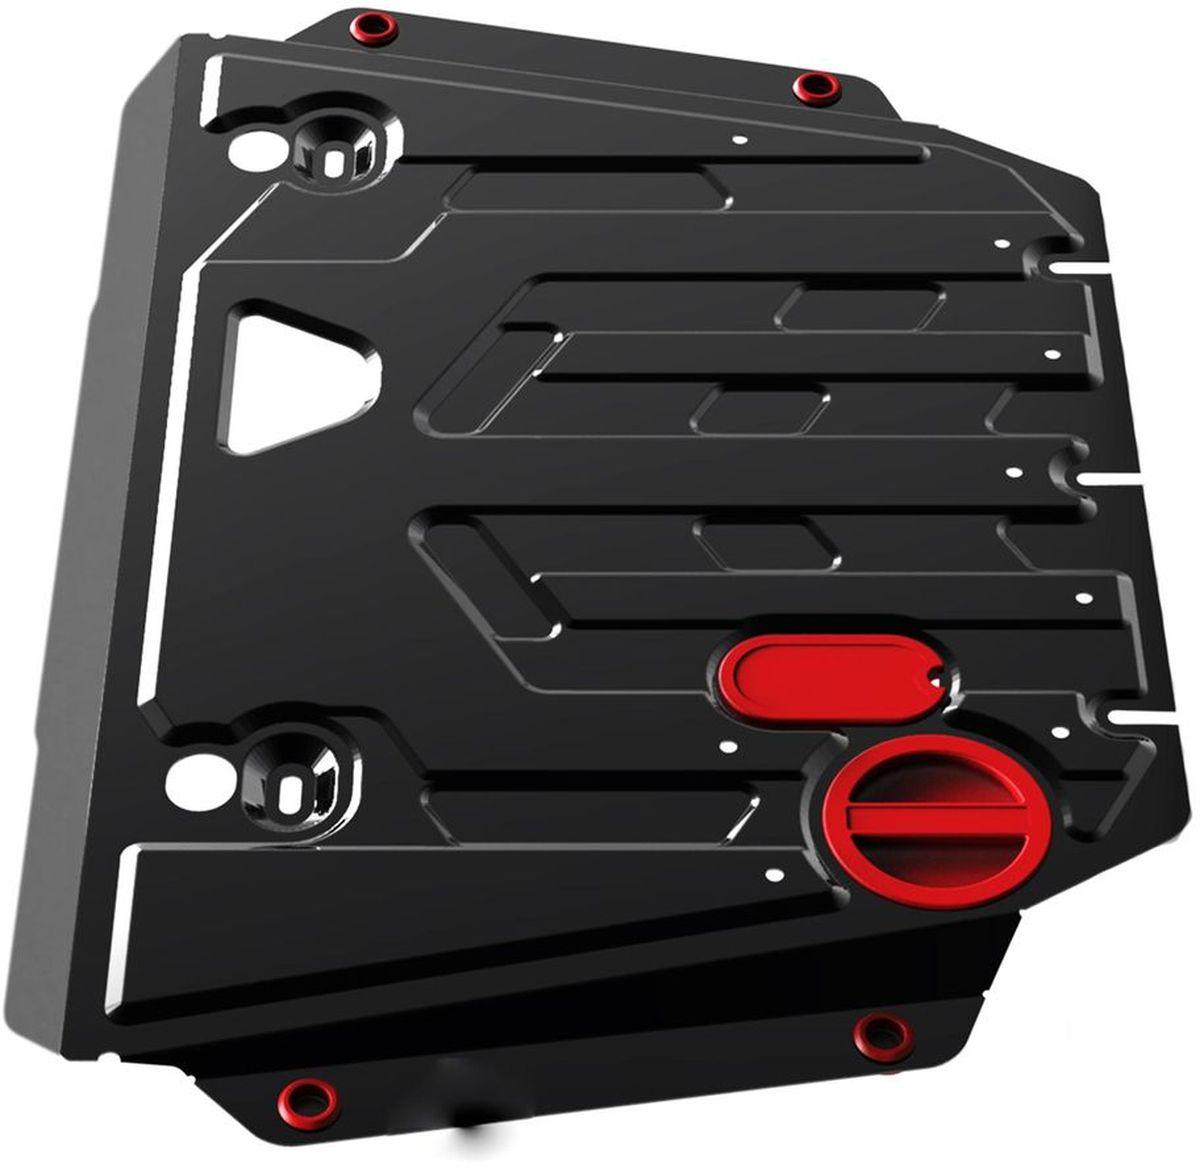 Защита картера и КПП Автоброня, для FAW Oley, V-1,5 (2014-)K100Технологически совершенный продукт за невысокую стоимость.Защита разработана с учетом особенностей днища автомобиля, что позволяет сохранить дорожный просвет с минимальным изменением.Защита устанавливается в штатные места кузова автомобиля. Глубокий штамп обеспечивает до двух раз больше жесткости в сравнении с обычной защитой той же толщины. Проштампованные ребра жесткости препятствуют деформации защиты при ударах.Тепловой зазор и вентиляционные отверстия обеспечивают сохранение температурного режима двигателя в норме. Скрытый крепеж предотвращает срыв крепежных элементов при наезде на препятствие.Шумопоглощающие резиновые элементы обеспечивают комфортную езду без вибраций и скрежета металла, а съемные лючки для слива масла и замены фильтра - экономию средств и время.Конструкция изделия не влияет на пассивную безопасность автомобиля (при ударе защита не воздействует на деформационные зоны кузова). Со штатным крепежом. В комплекте инструкция по установке.Толщина стали: 2 мм.Уважаемые клиенты!Обращаем ваше внимание, что элемент защиты имеет форму, соответствующую модели данного автомобиля. Фото служит для визуального восприятия товара и может отличаться от фактического.